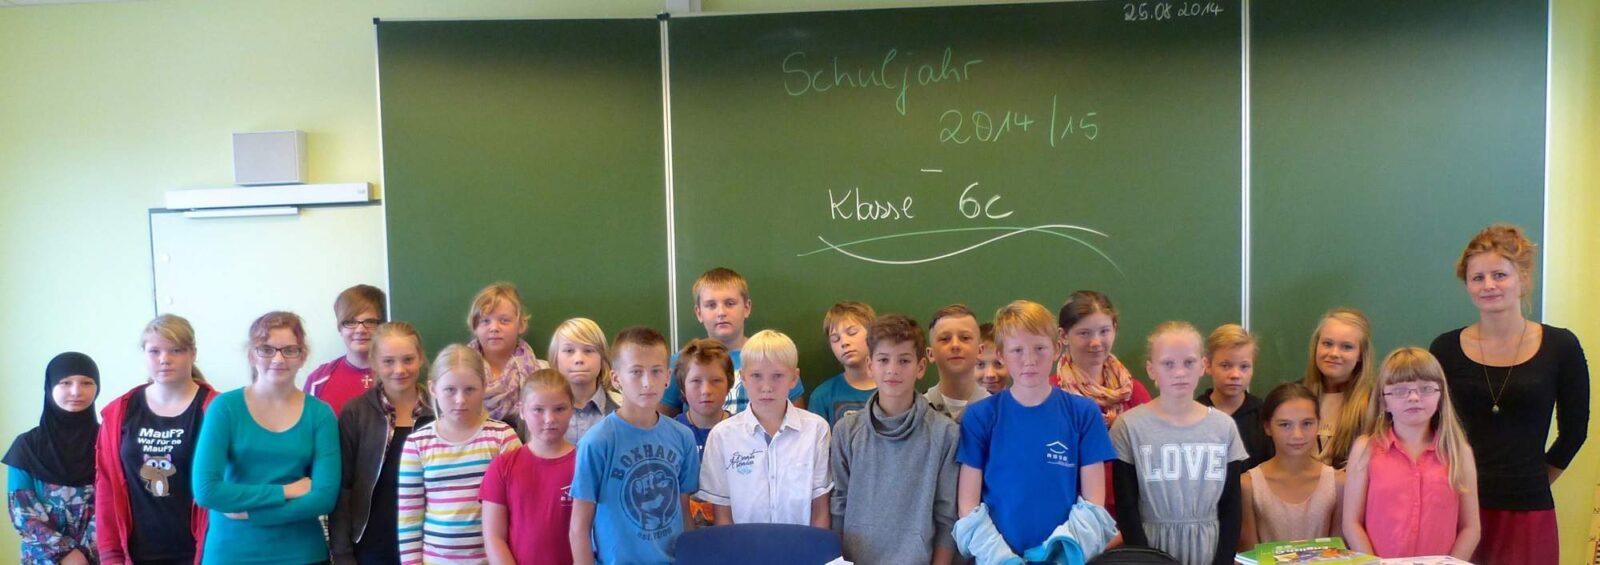 klasse-6c-2014